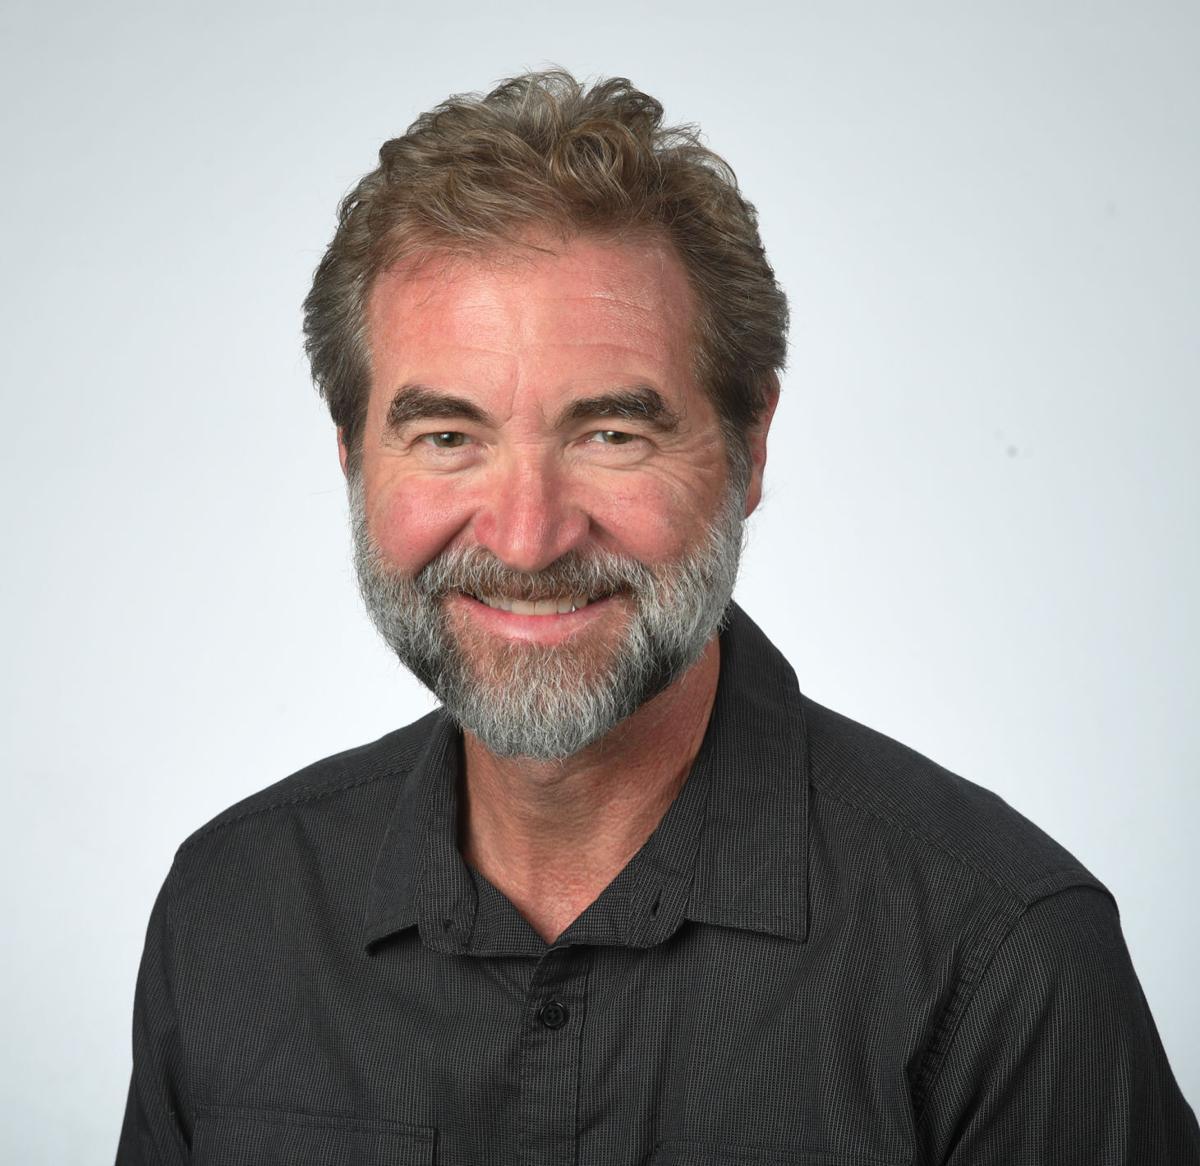 Bill Siel